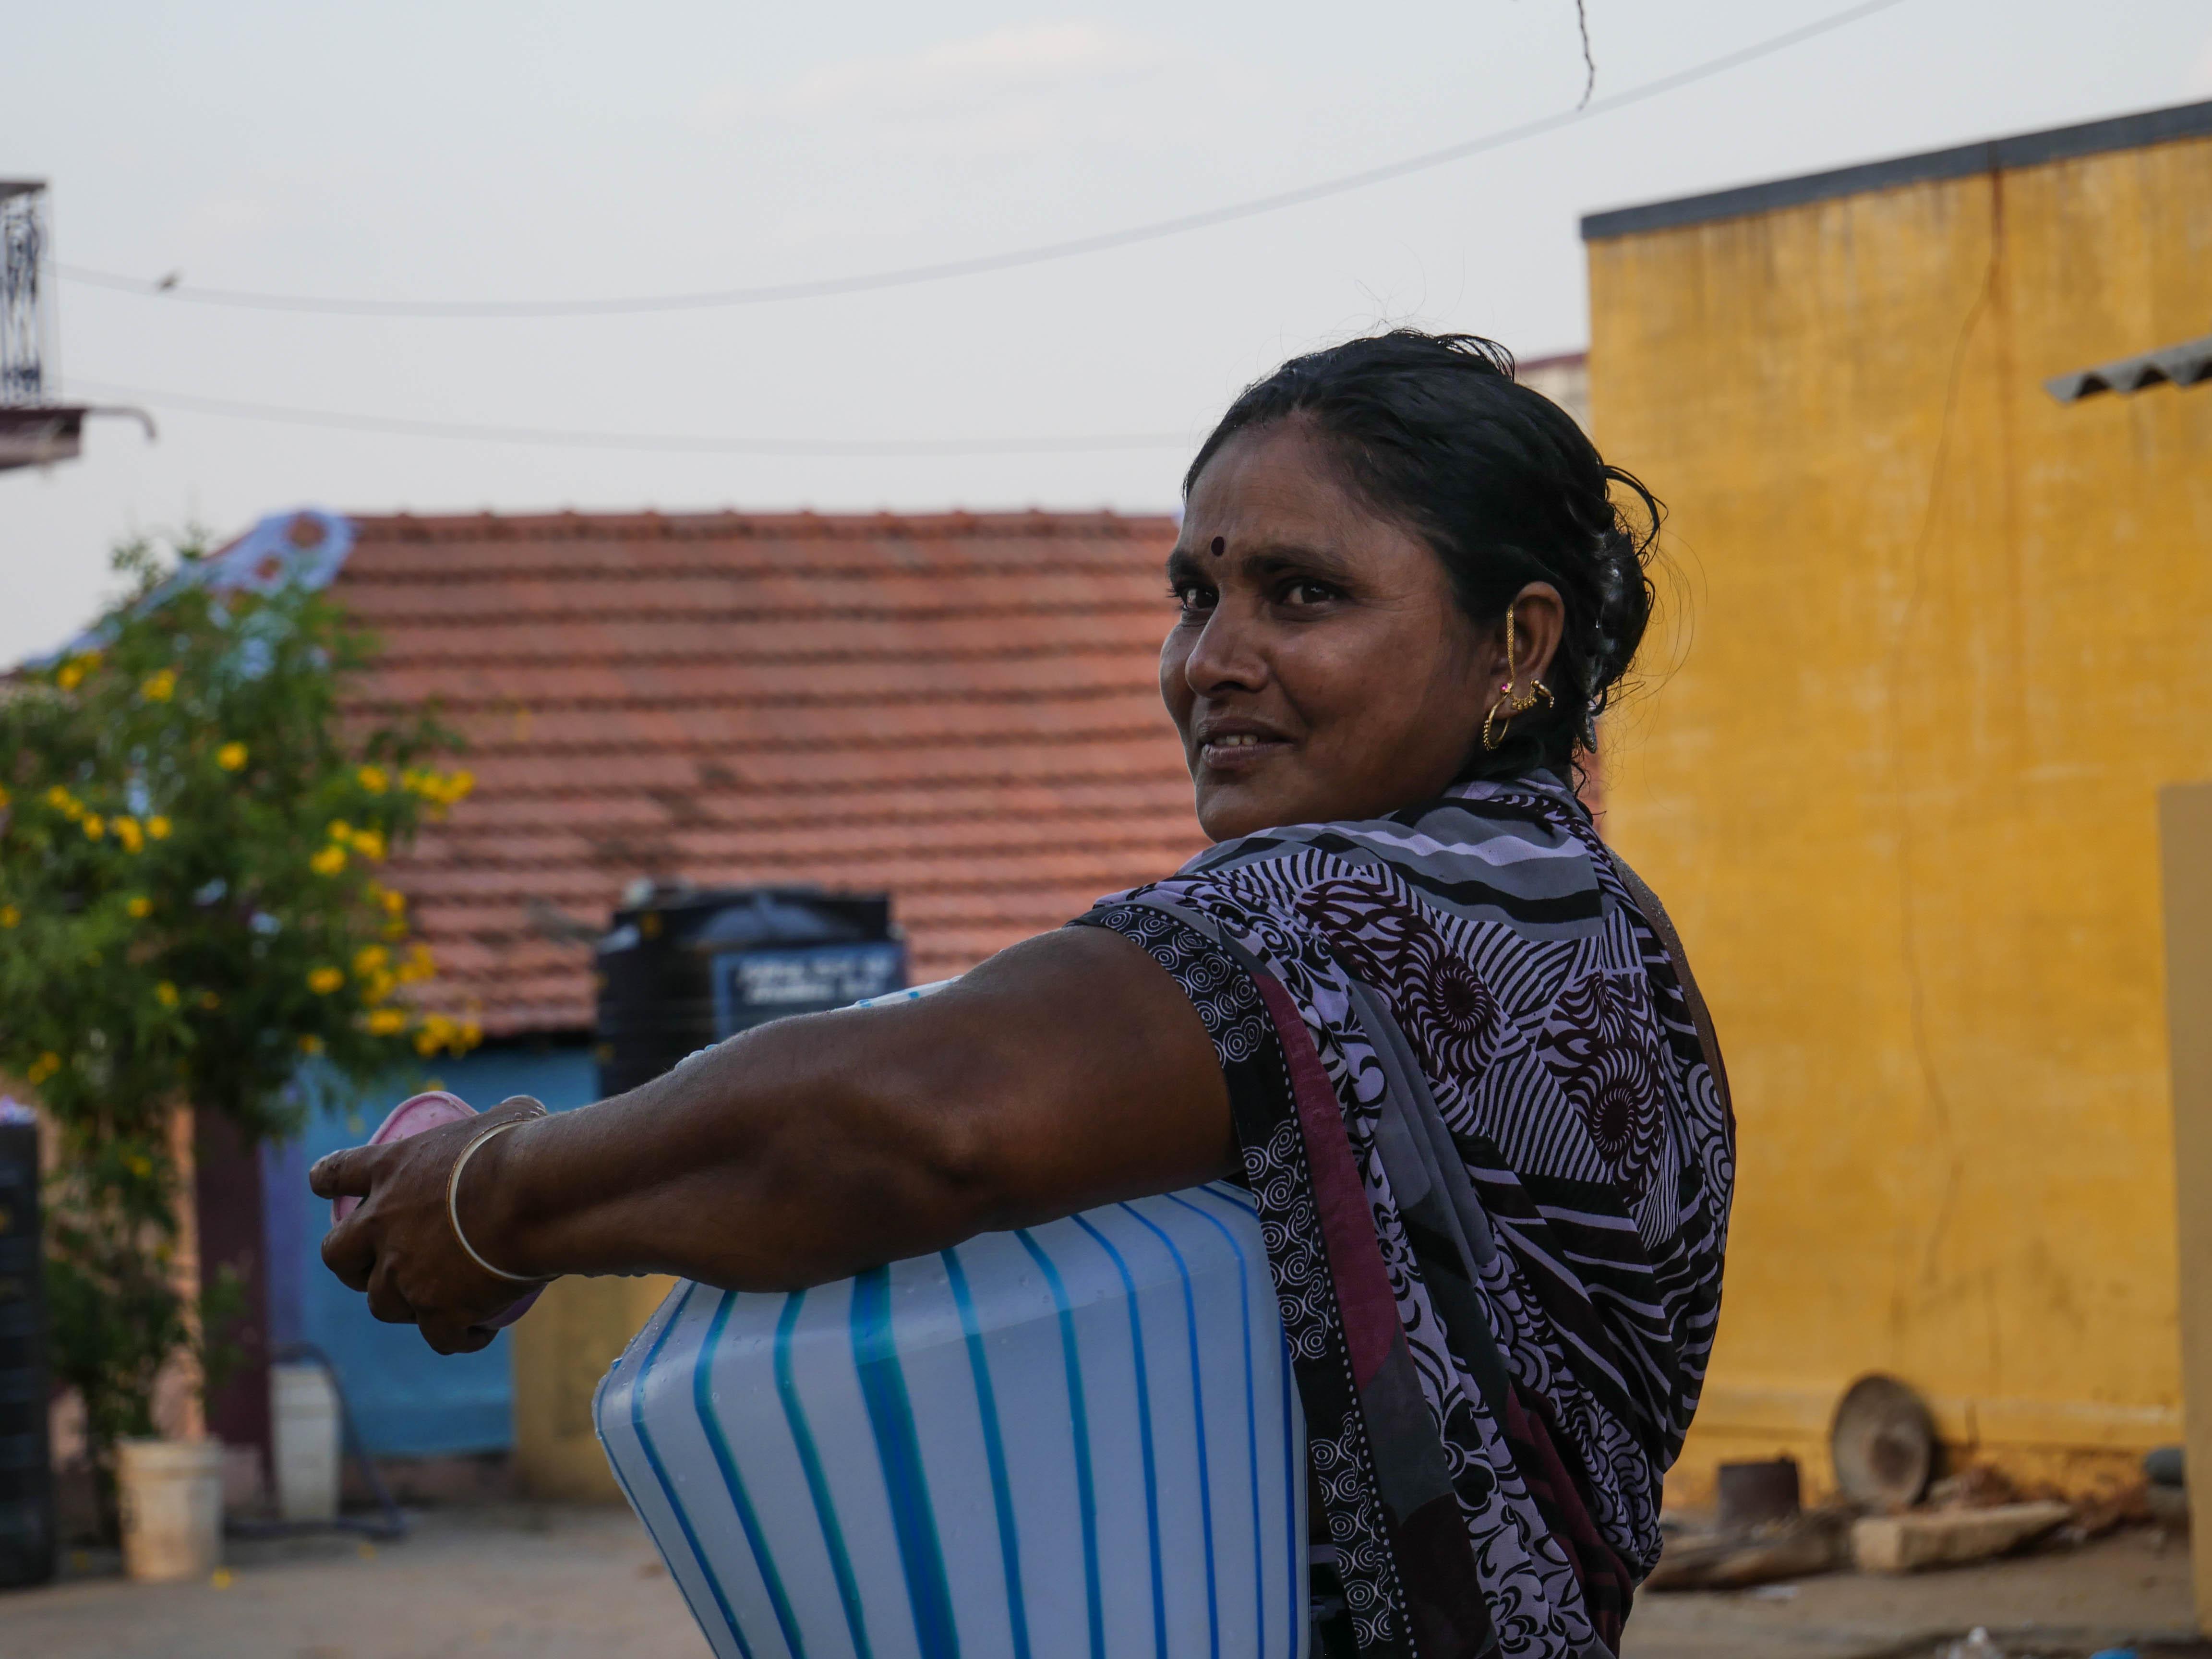 Pandiyammal är påväg till en av byns vattenledningar för att hämta vatten till sitt hem. Foto: Rebecka Strand.